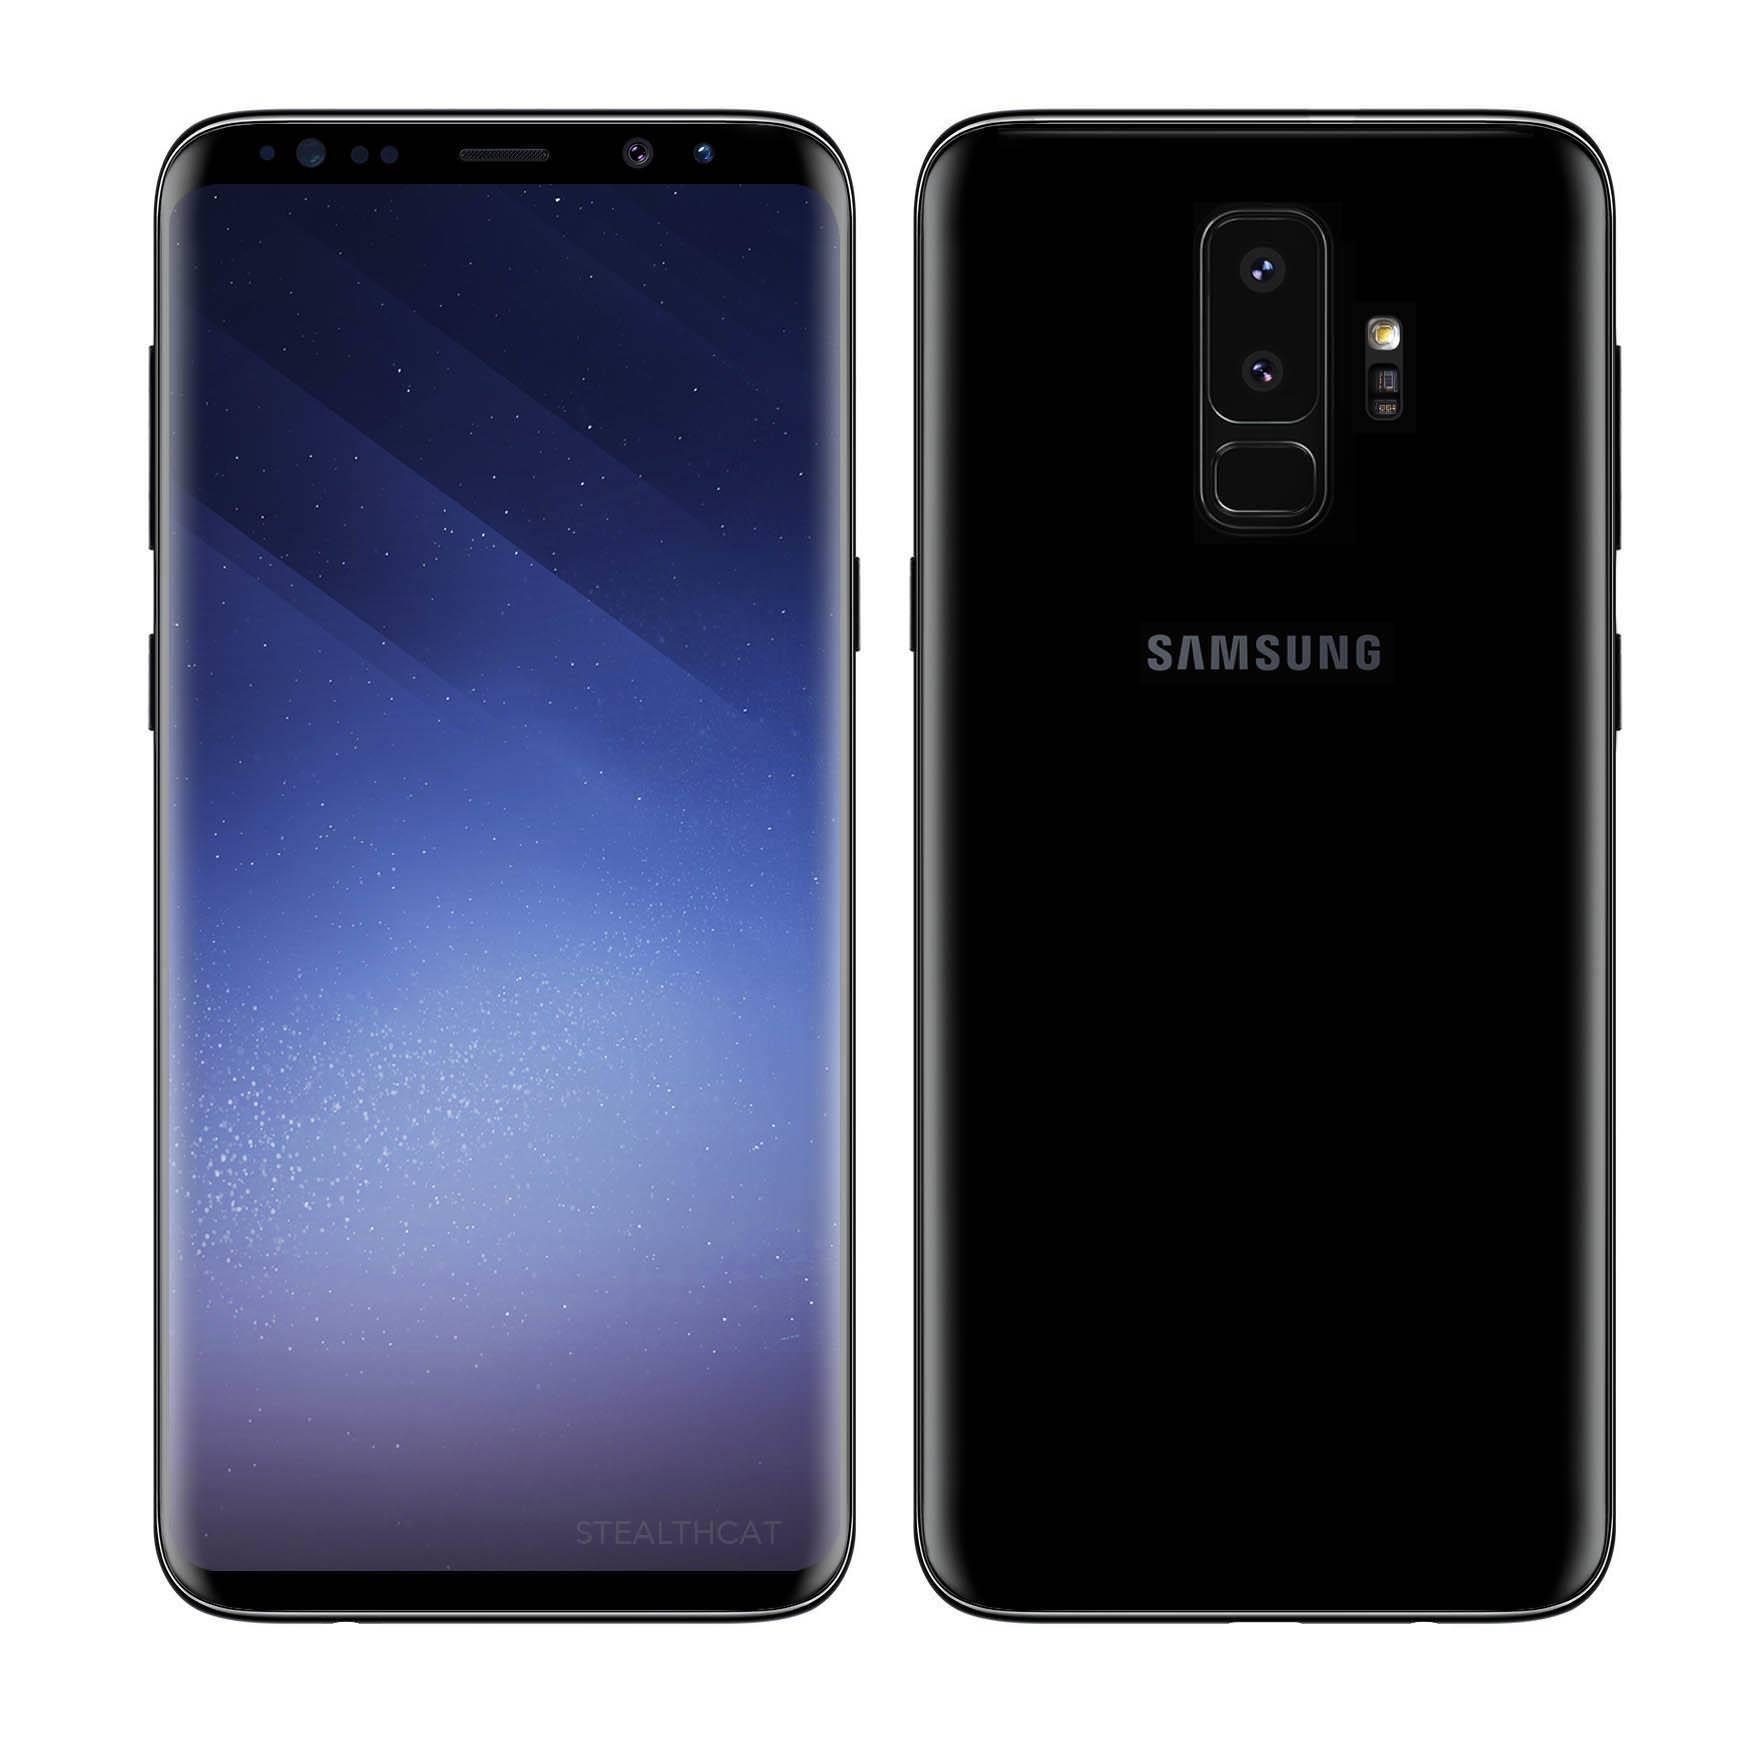 Samsung Galaxy S9+ has a 3,500mAh battery inside, S9 has 3,000mAh 1